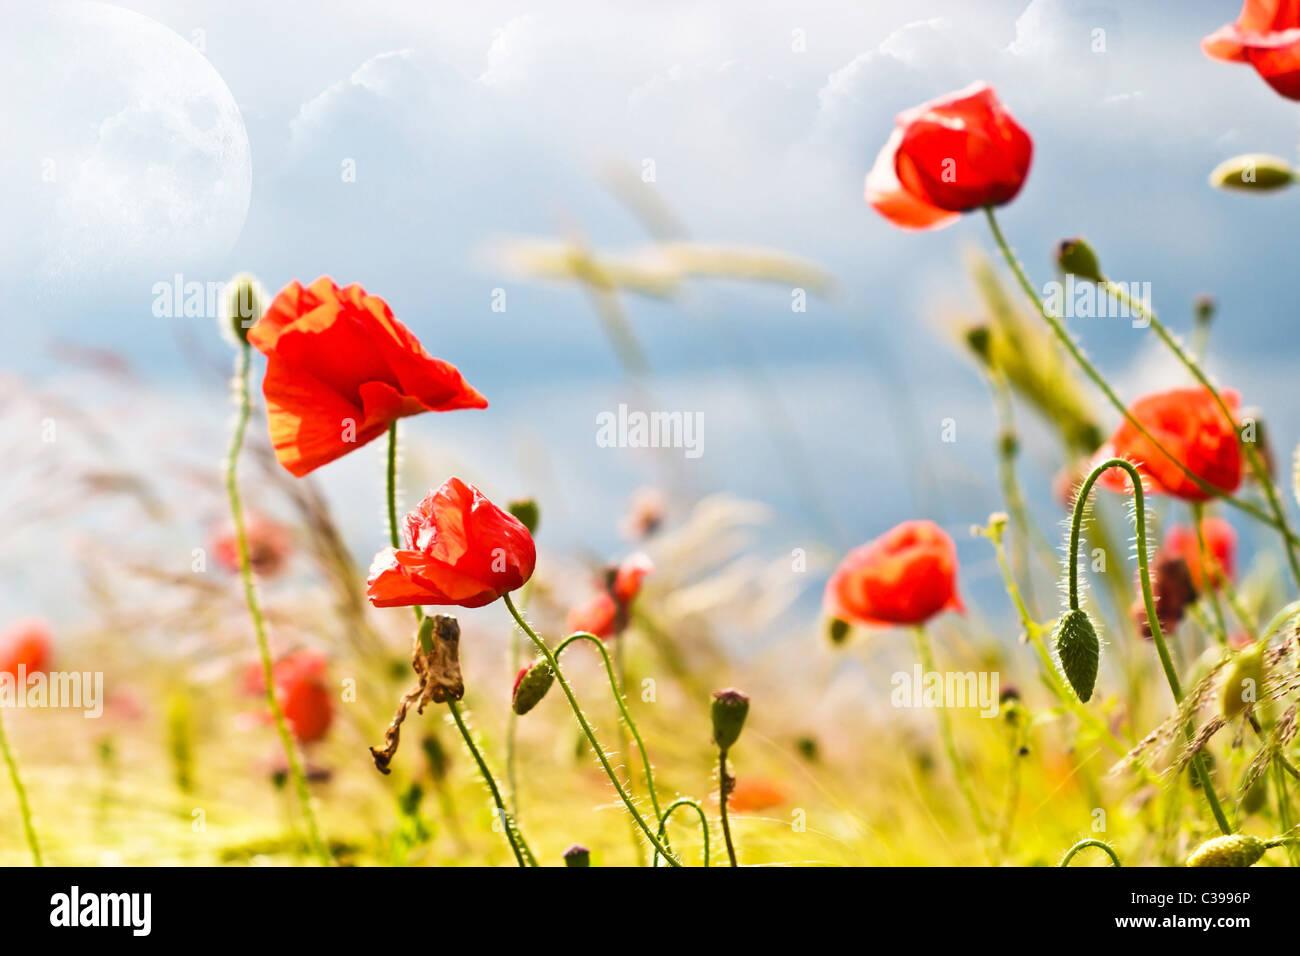 Blumen auf farbenfrohe Hintergrund - Makrofoto Stockbild